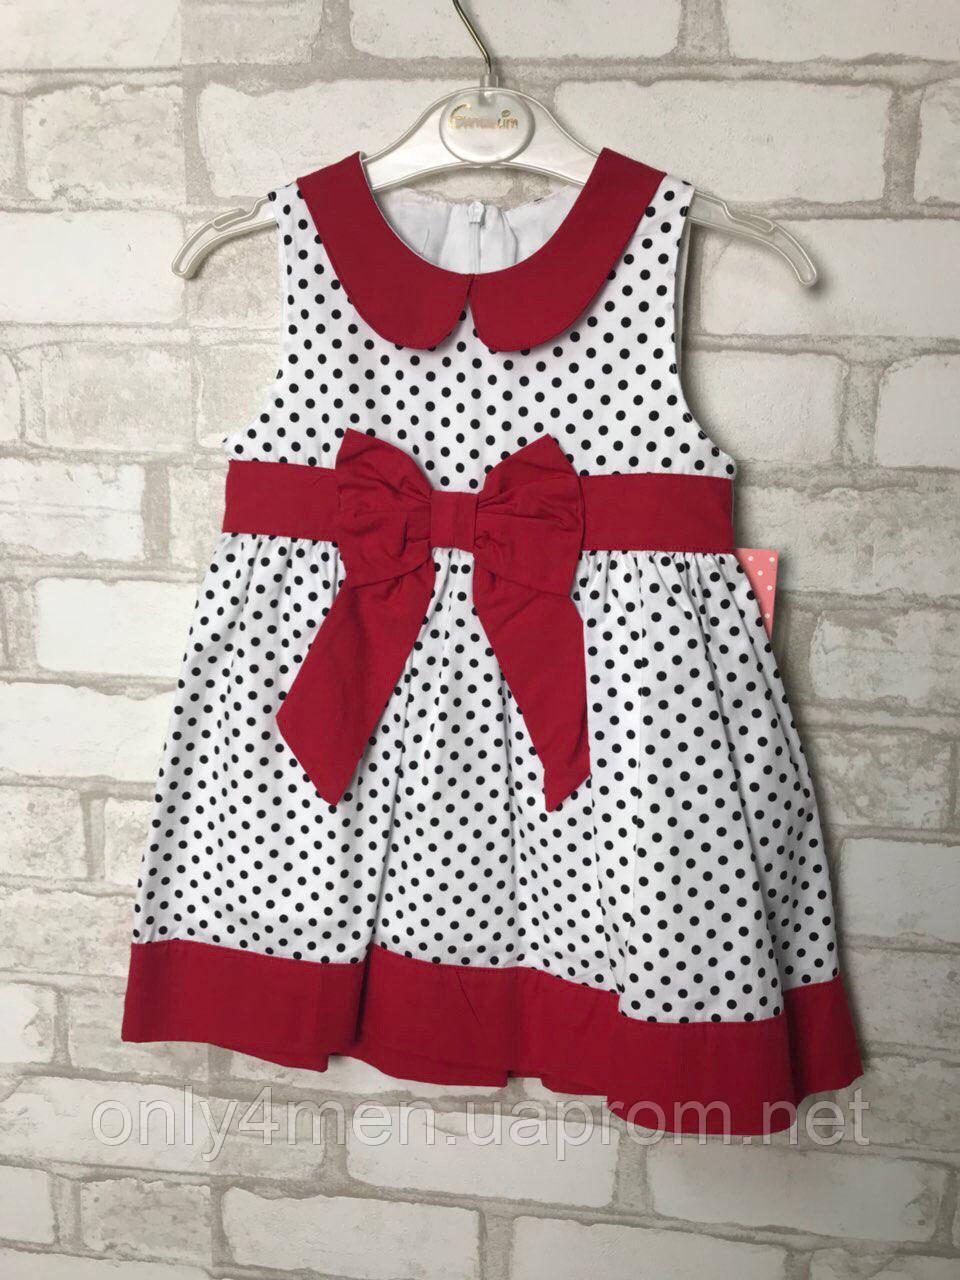 Платья для девочек  , одежда для девочек 92-116 лет